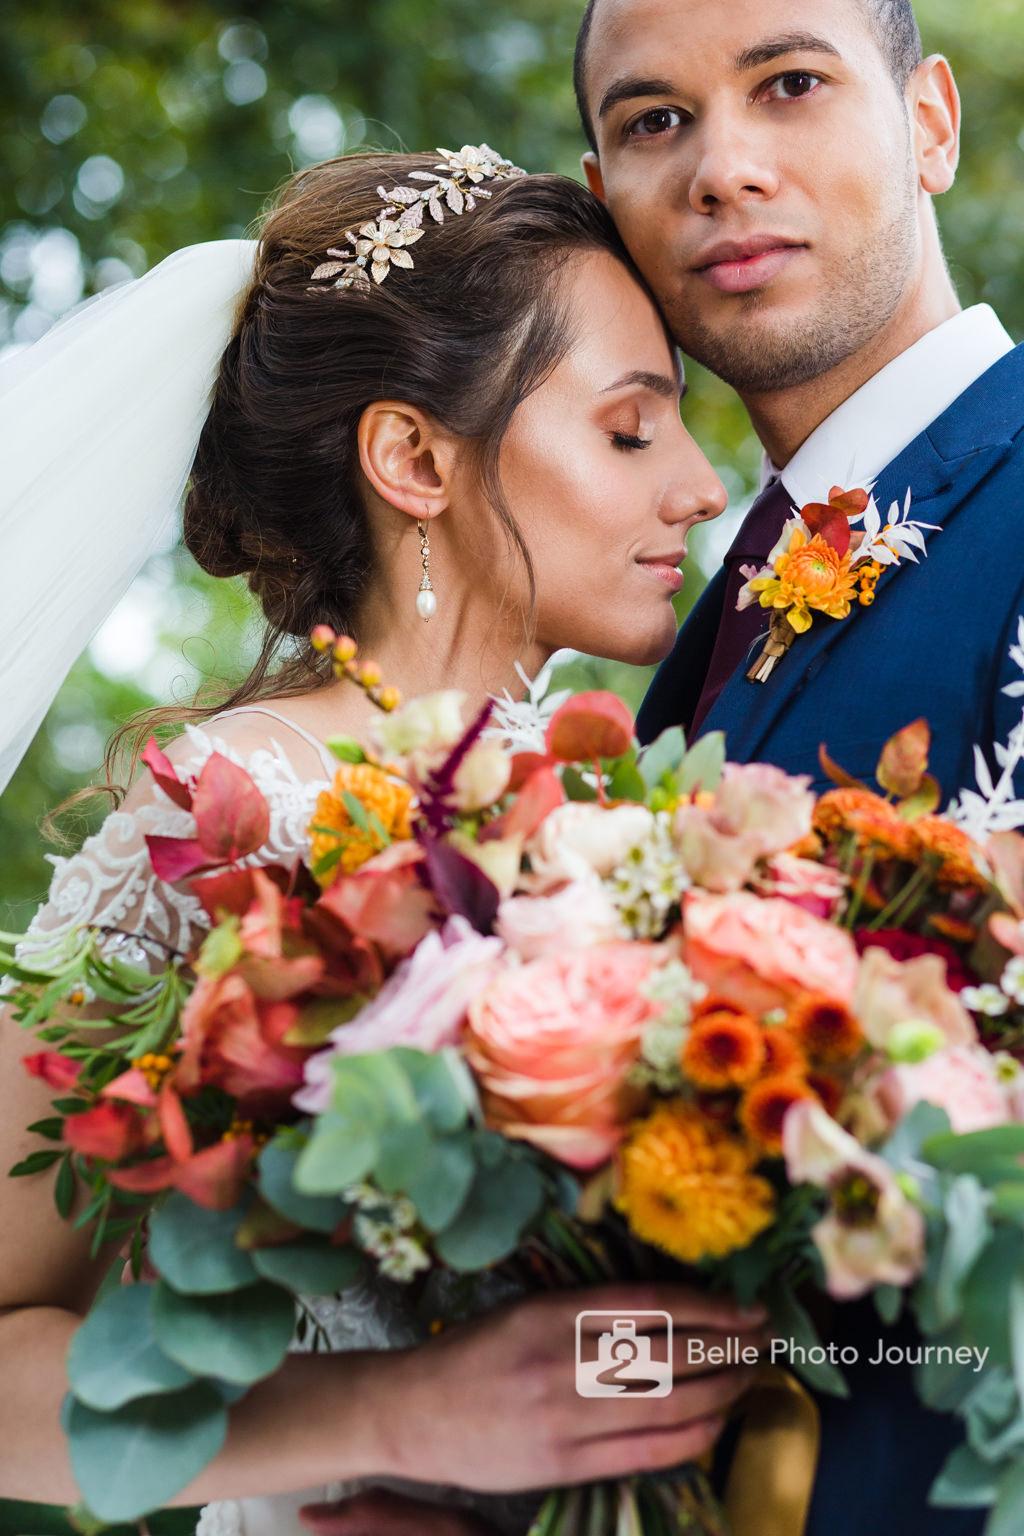 bride and groom close up portrait central london lauderdale house autumn bouquet